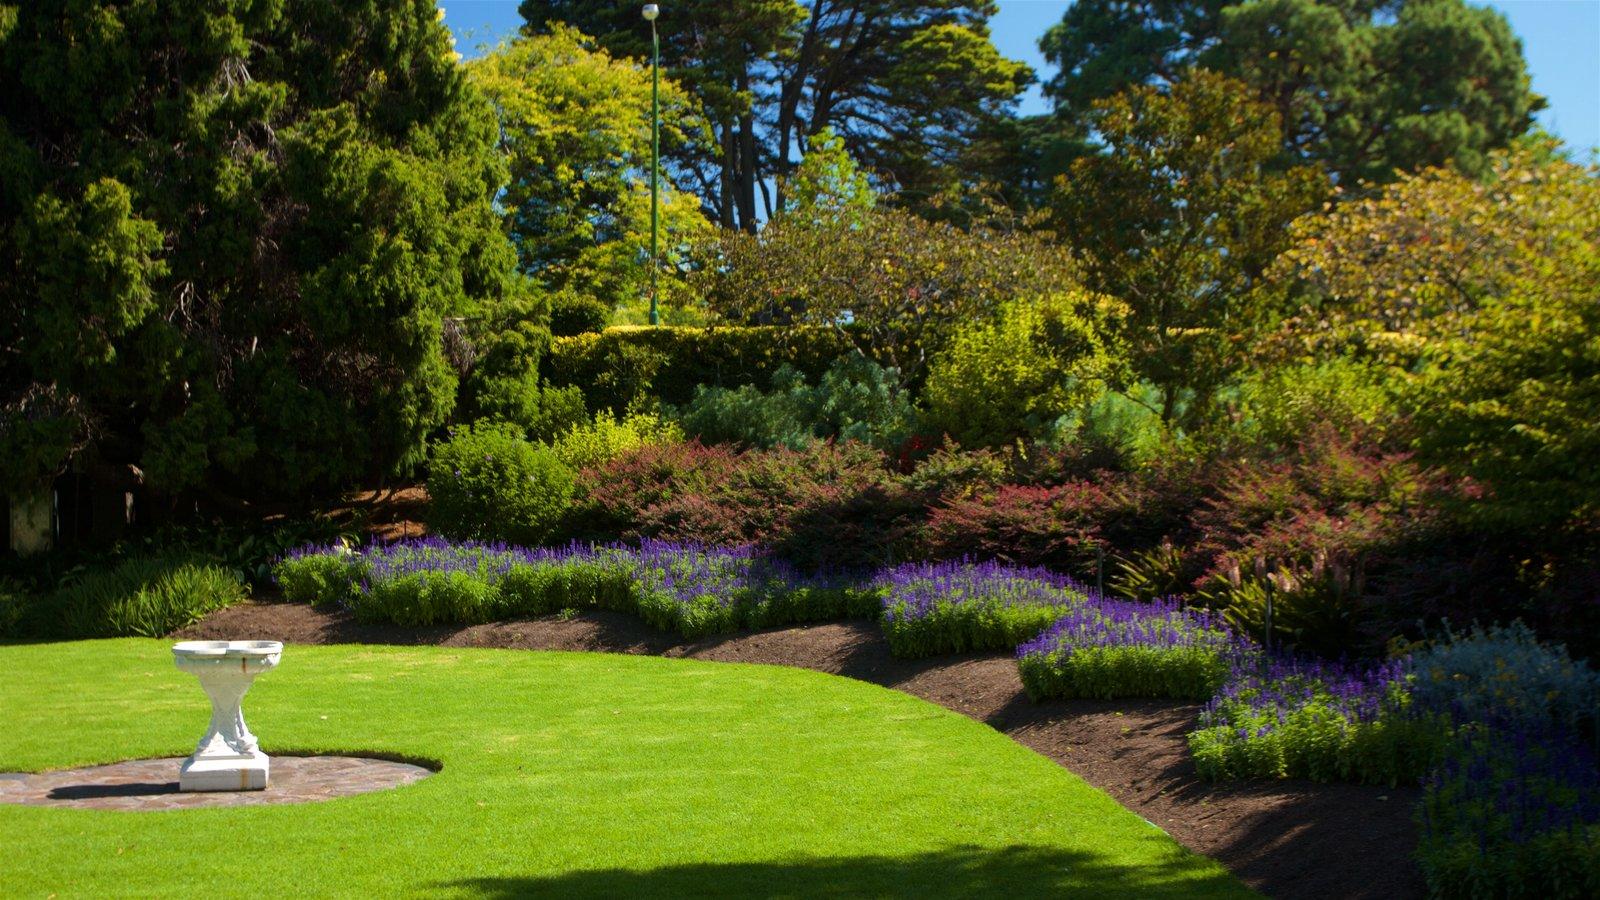 Royal Botanic Gardens Which Includes A Garden